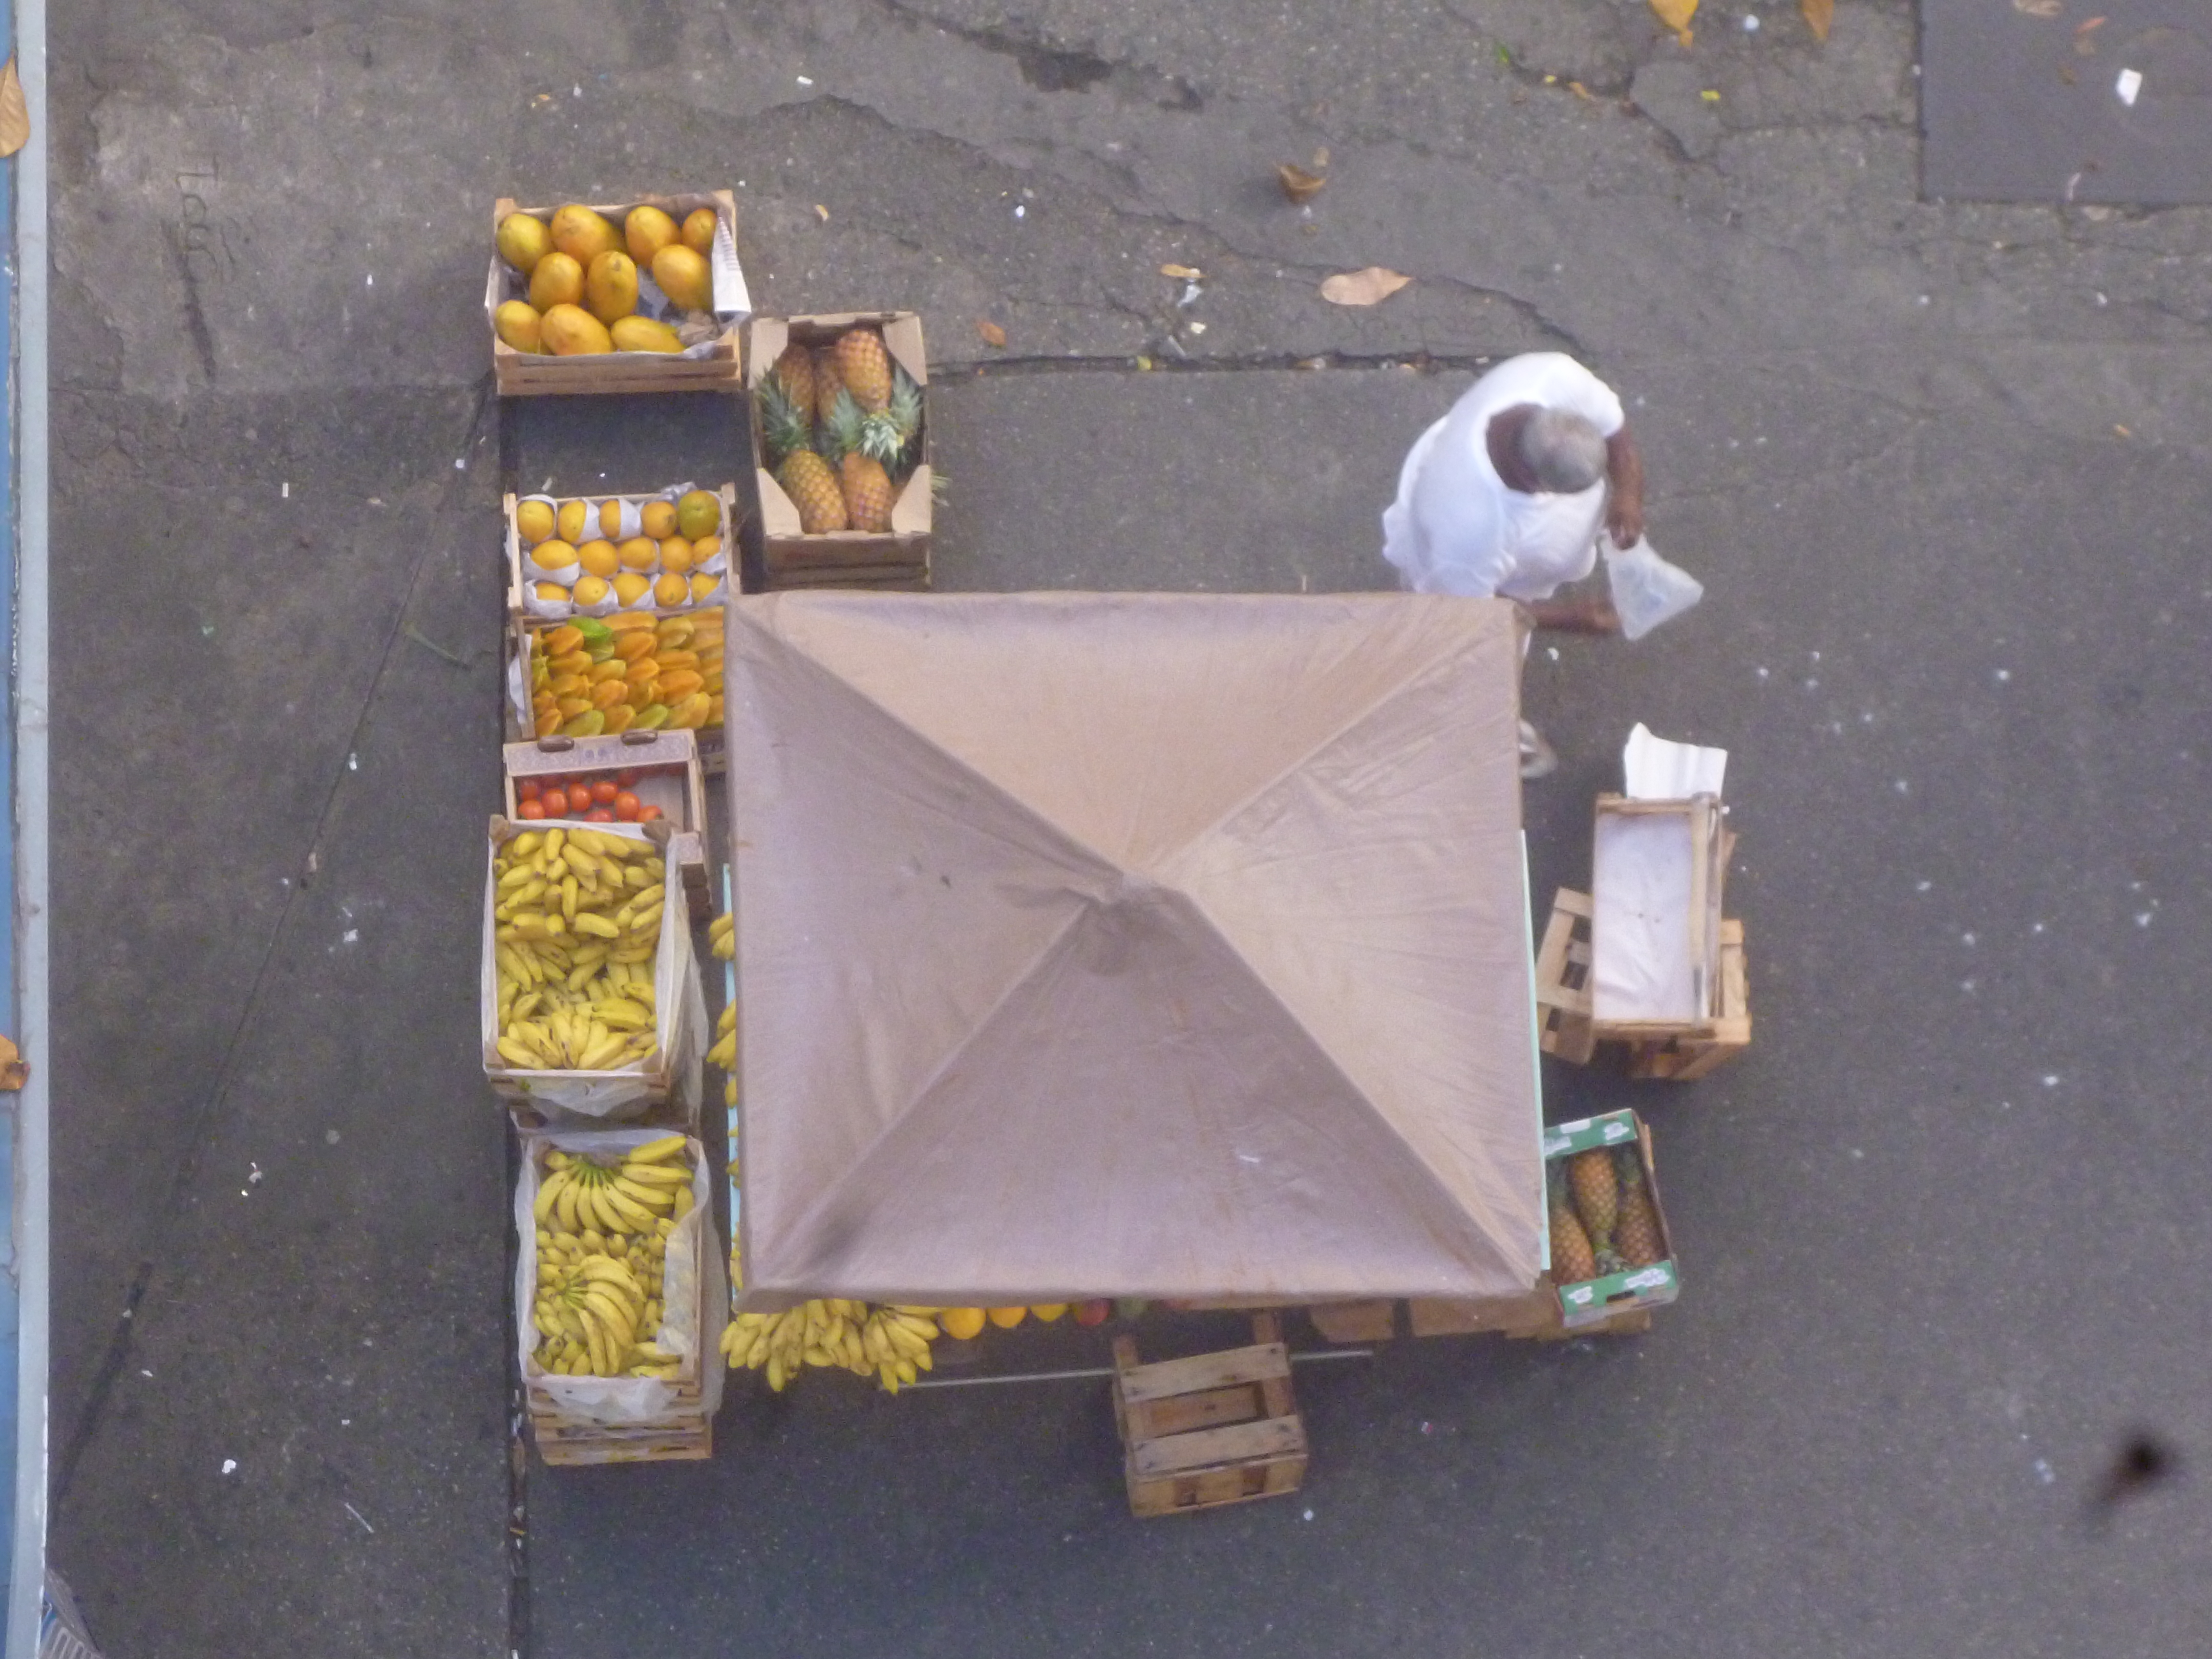 au pied de notre immeuble,notre marchand ambulant: mangue, papaye, banane...